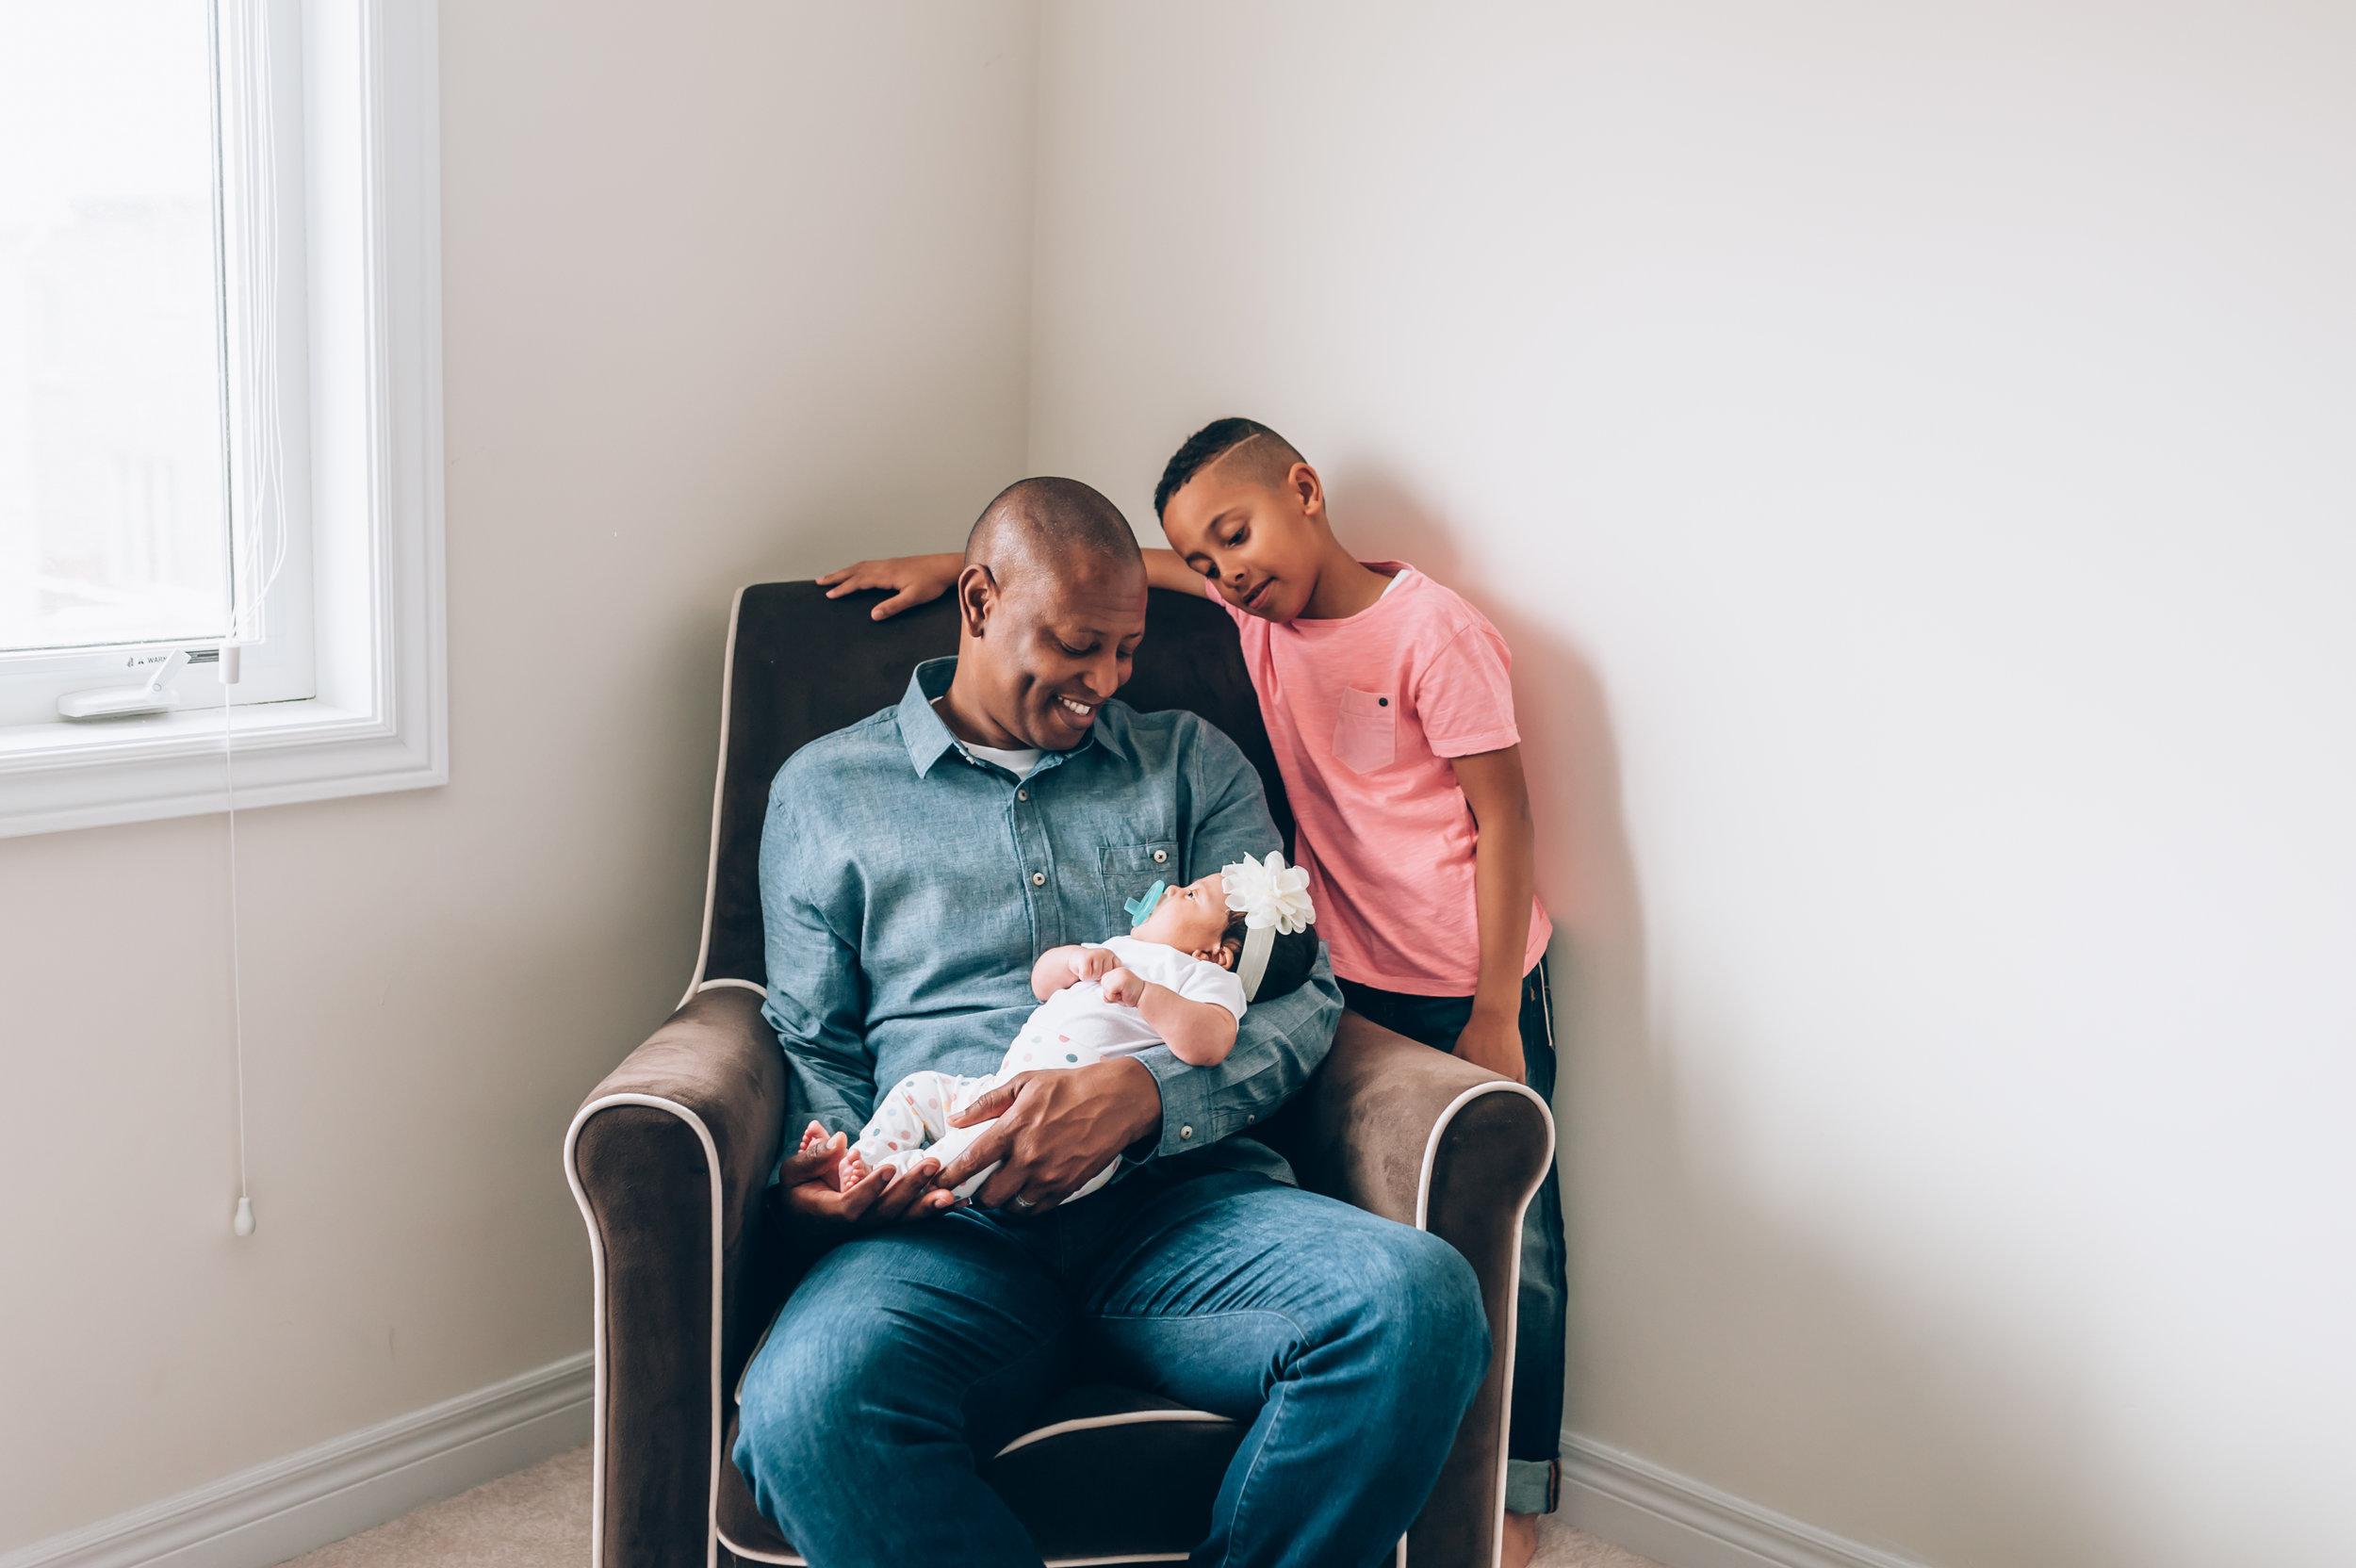 newborn, burlington newborn photographer, babies, newborn photography,lifestyle, lifestyle newborn photographer